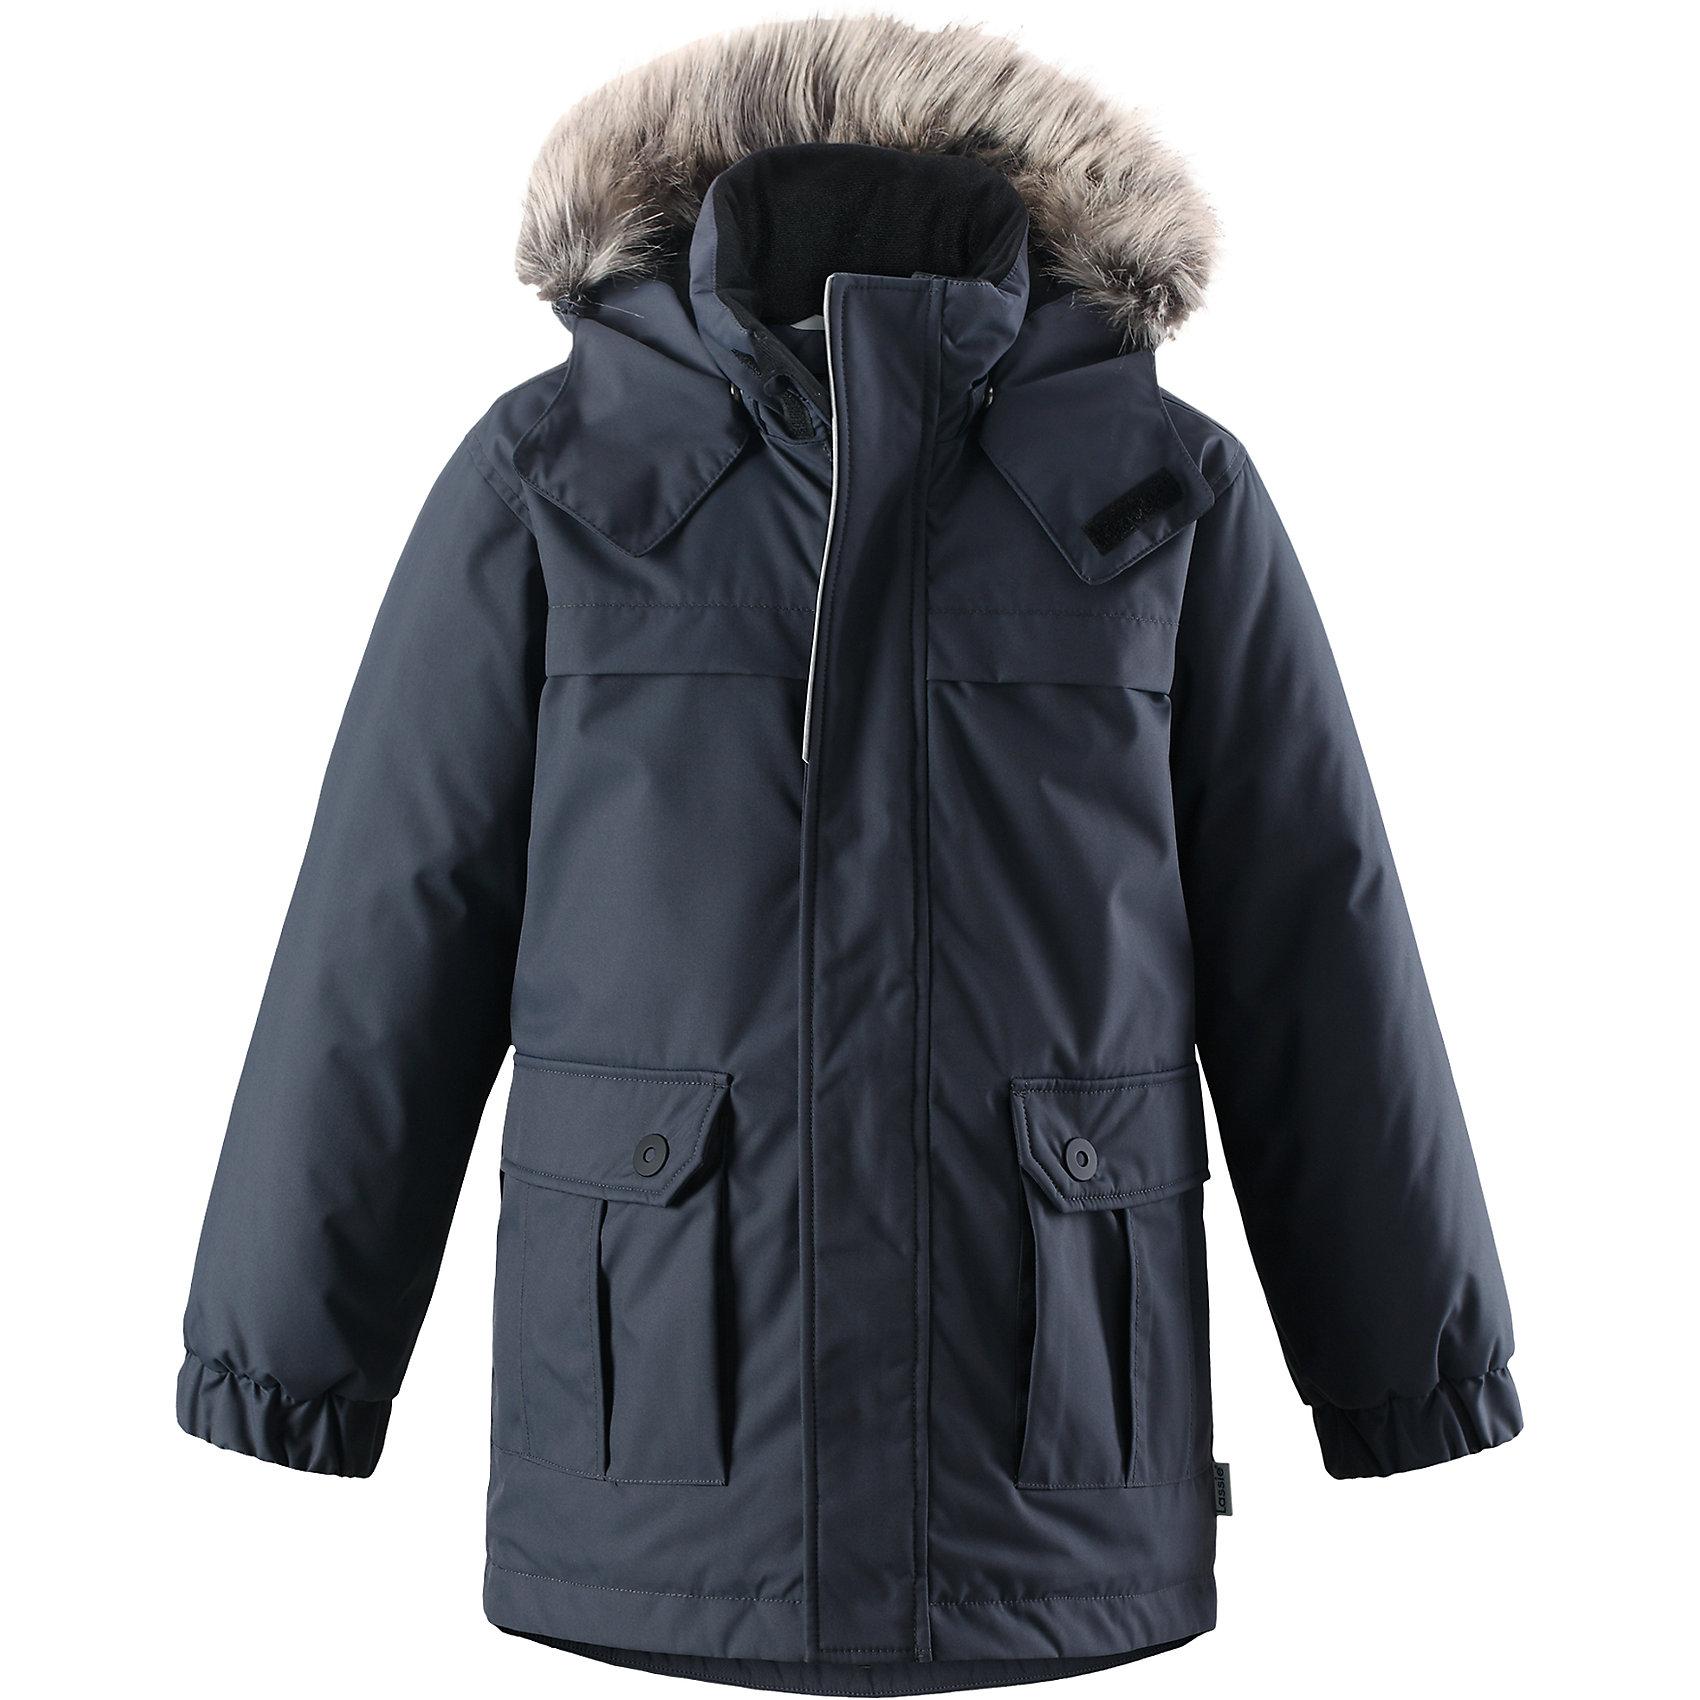 Куртка Lassie для мальчикаОдежда<br>Эта повседневная, но очень стильная детская зимняя парка идеальна для снежных и морозных зимних дней! Удлиненная задняя часть обеспечивает дополнительное утепление, а отделка из искусственного меха защищает нежную детскую кожу от морозного ветра. Съемный капюшон безопасен во время игр на свежем воздухе. Большие карманы с клапанами сохранят ключи от дома и другие важные мелочи.<br>Состав:<br>100% Полиэстер<br><br>Ширина мм: 356<br>Глубина мм: 10<br>Высота мм: 245<br>Вес г: 519<br>Цвет: серый<br>Возраст от месяцев: 96<br>Возраст до месяцев: 108<br>Пол: Мужской<br>Возраст: Детский<br>Размер: 134,140,92,98,104,110,116,122,128<br>SKU: 6927571